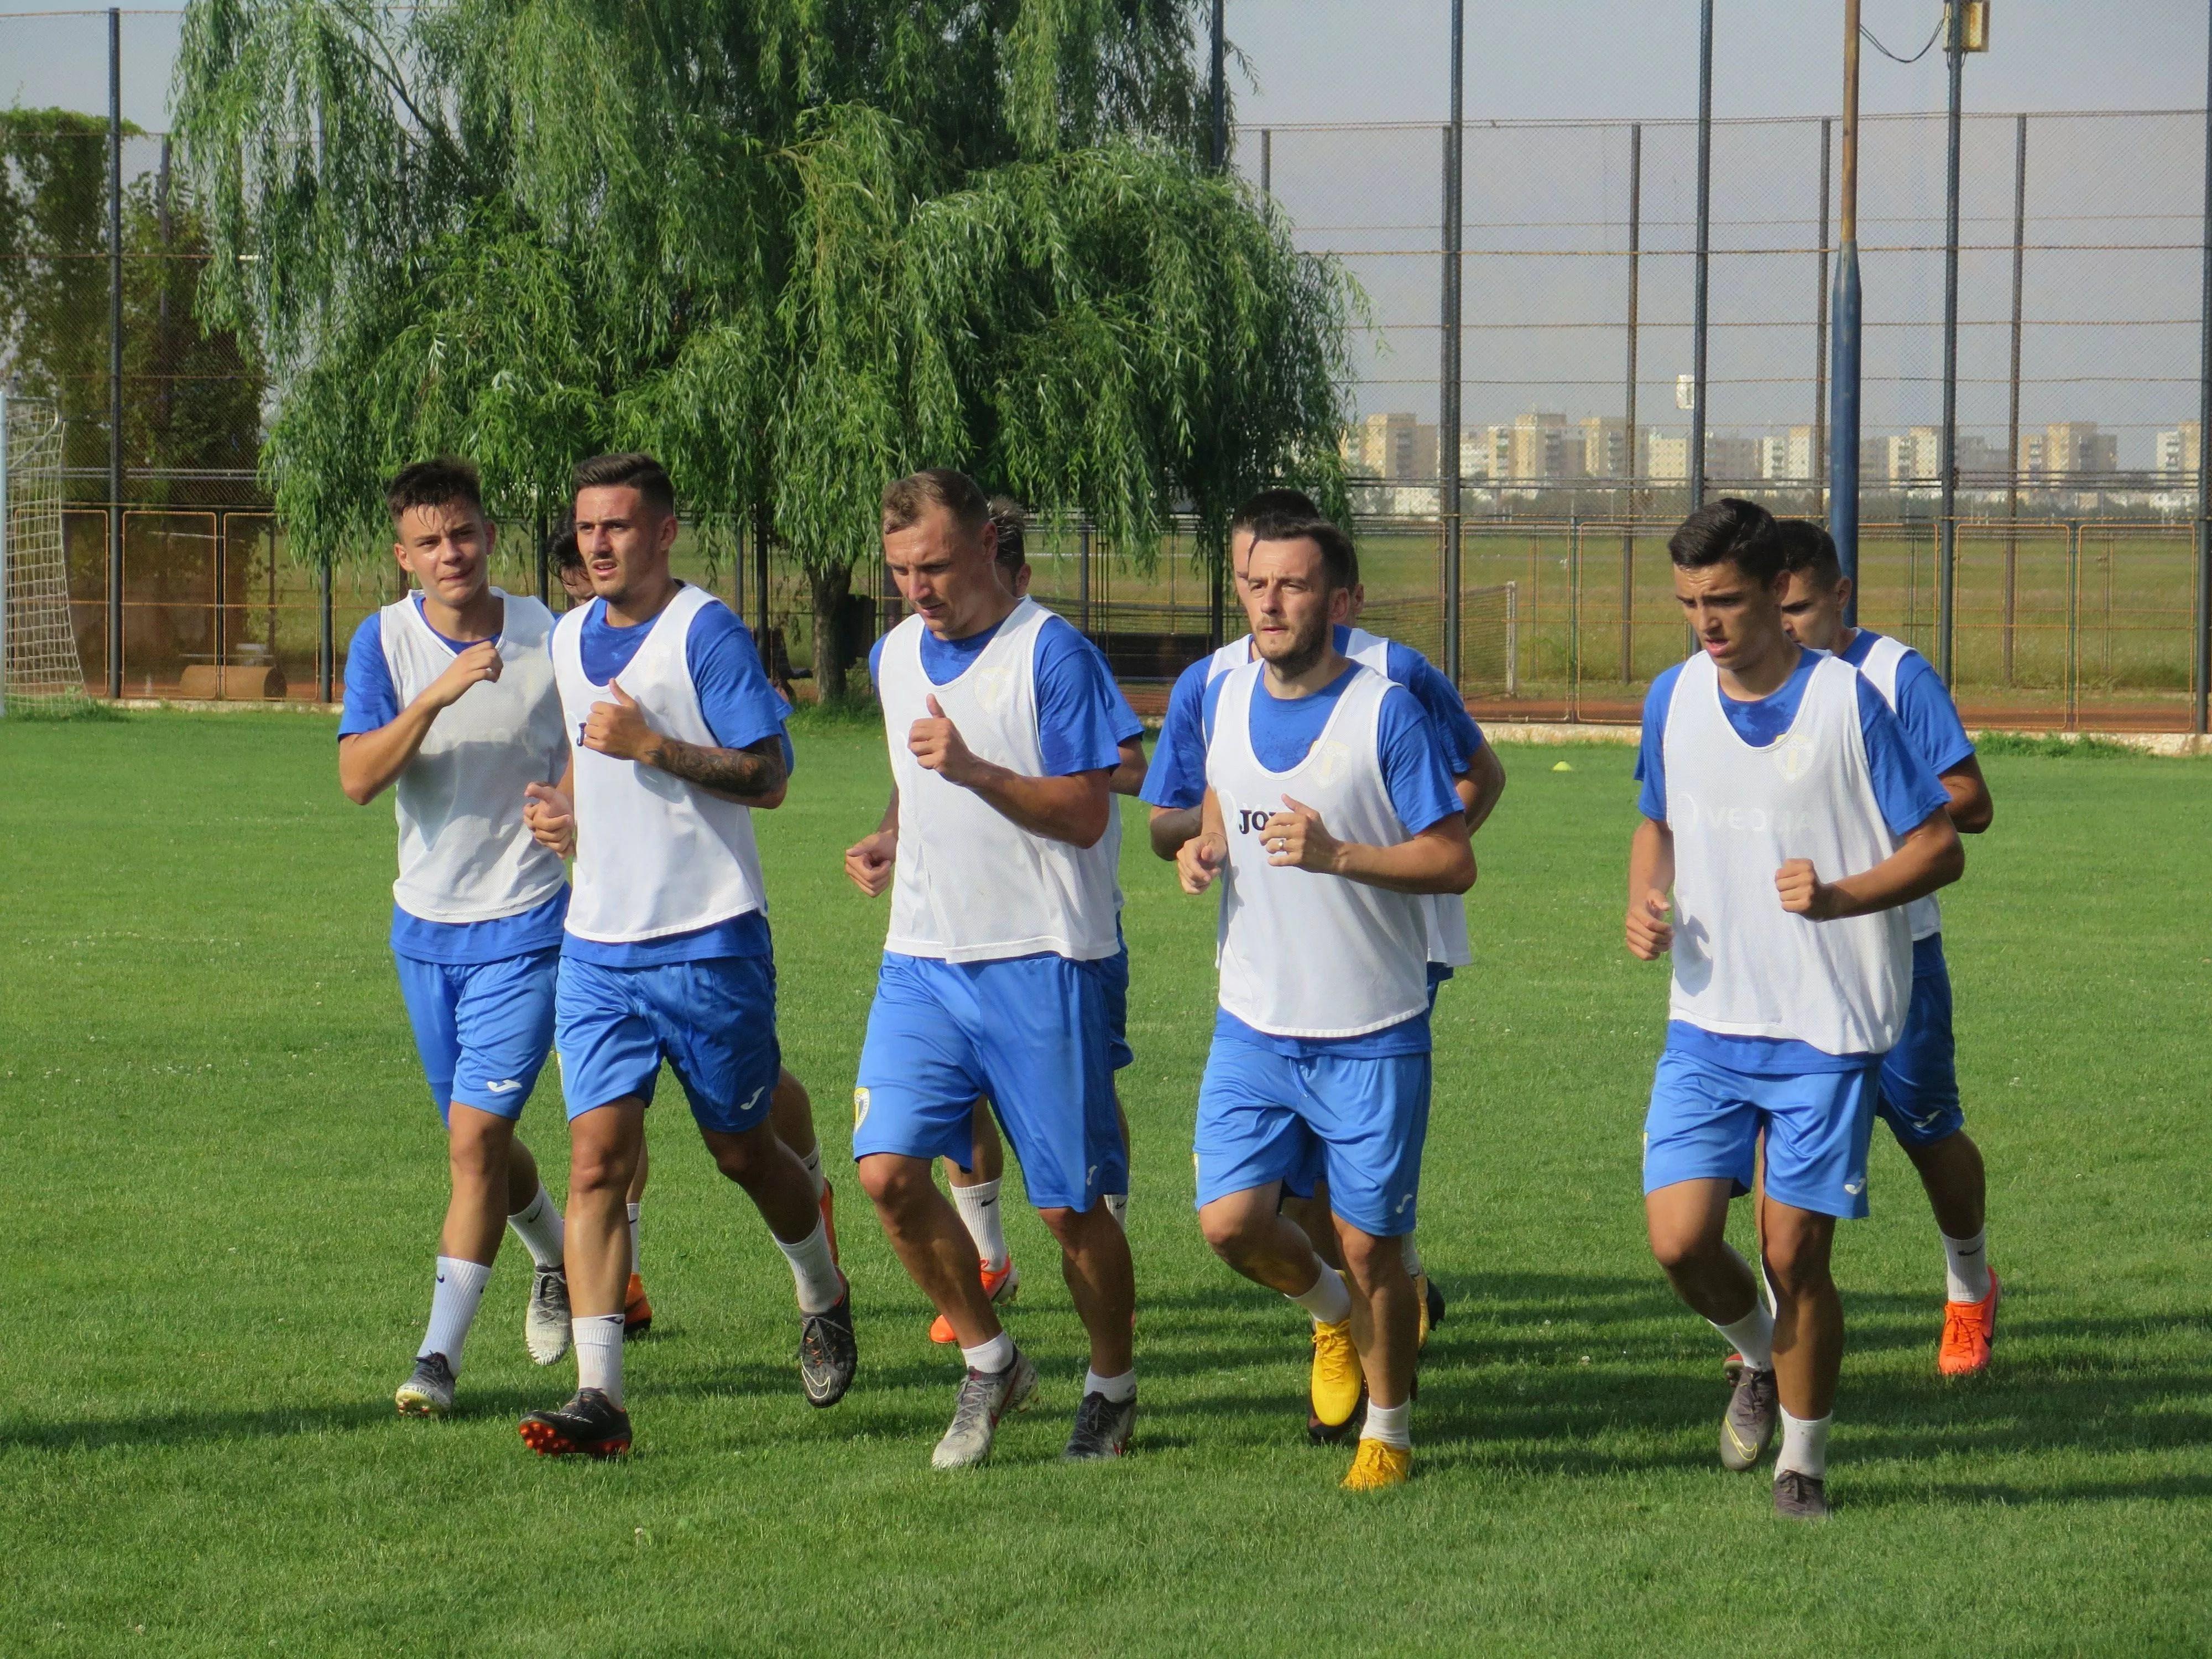 Destule noutăți la FC Petrolul, la primul antrenament de la Strejnicu. Stoican a avut la dispoziție 24 de fotbaliști noi și vechi